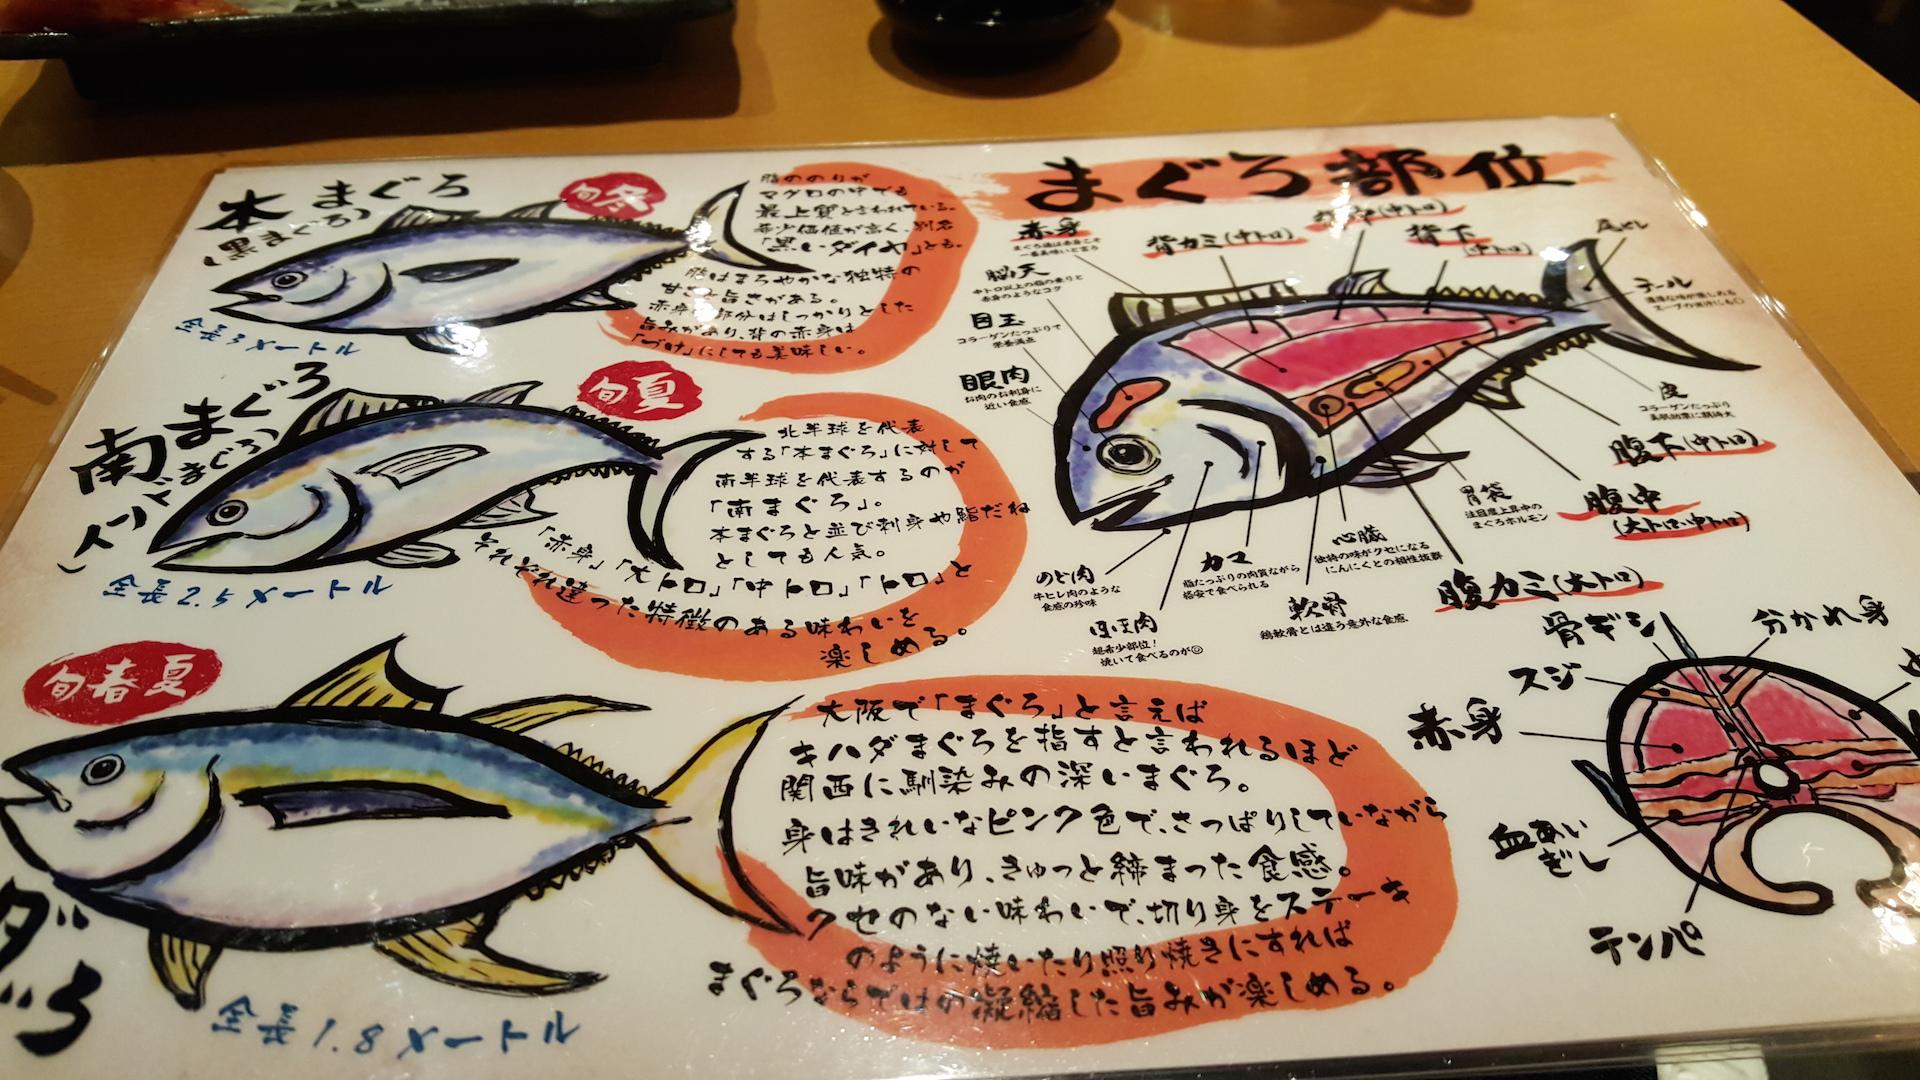 Osaka Sushi Guide